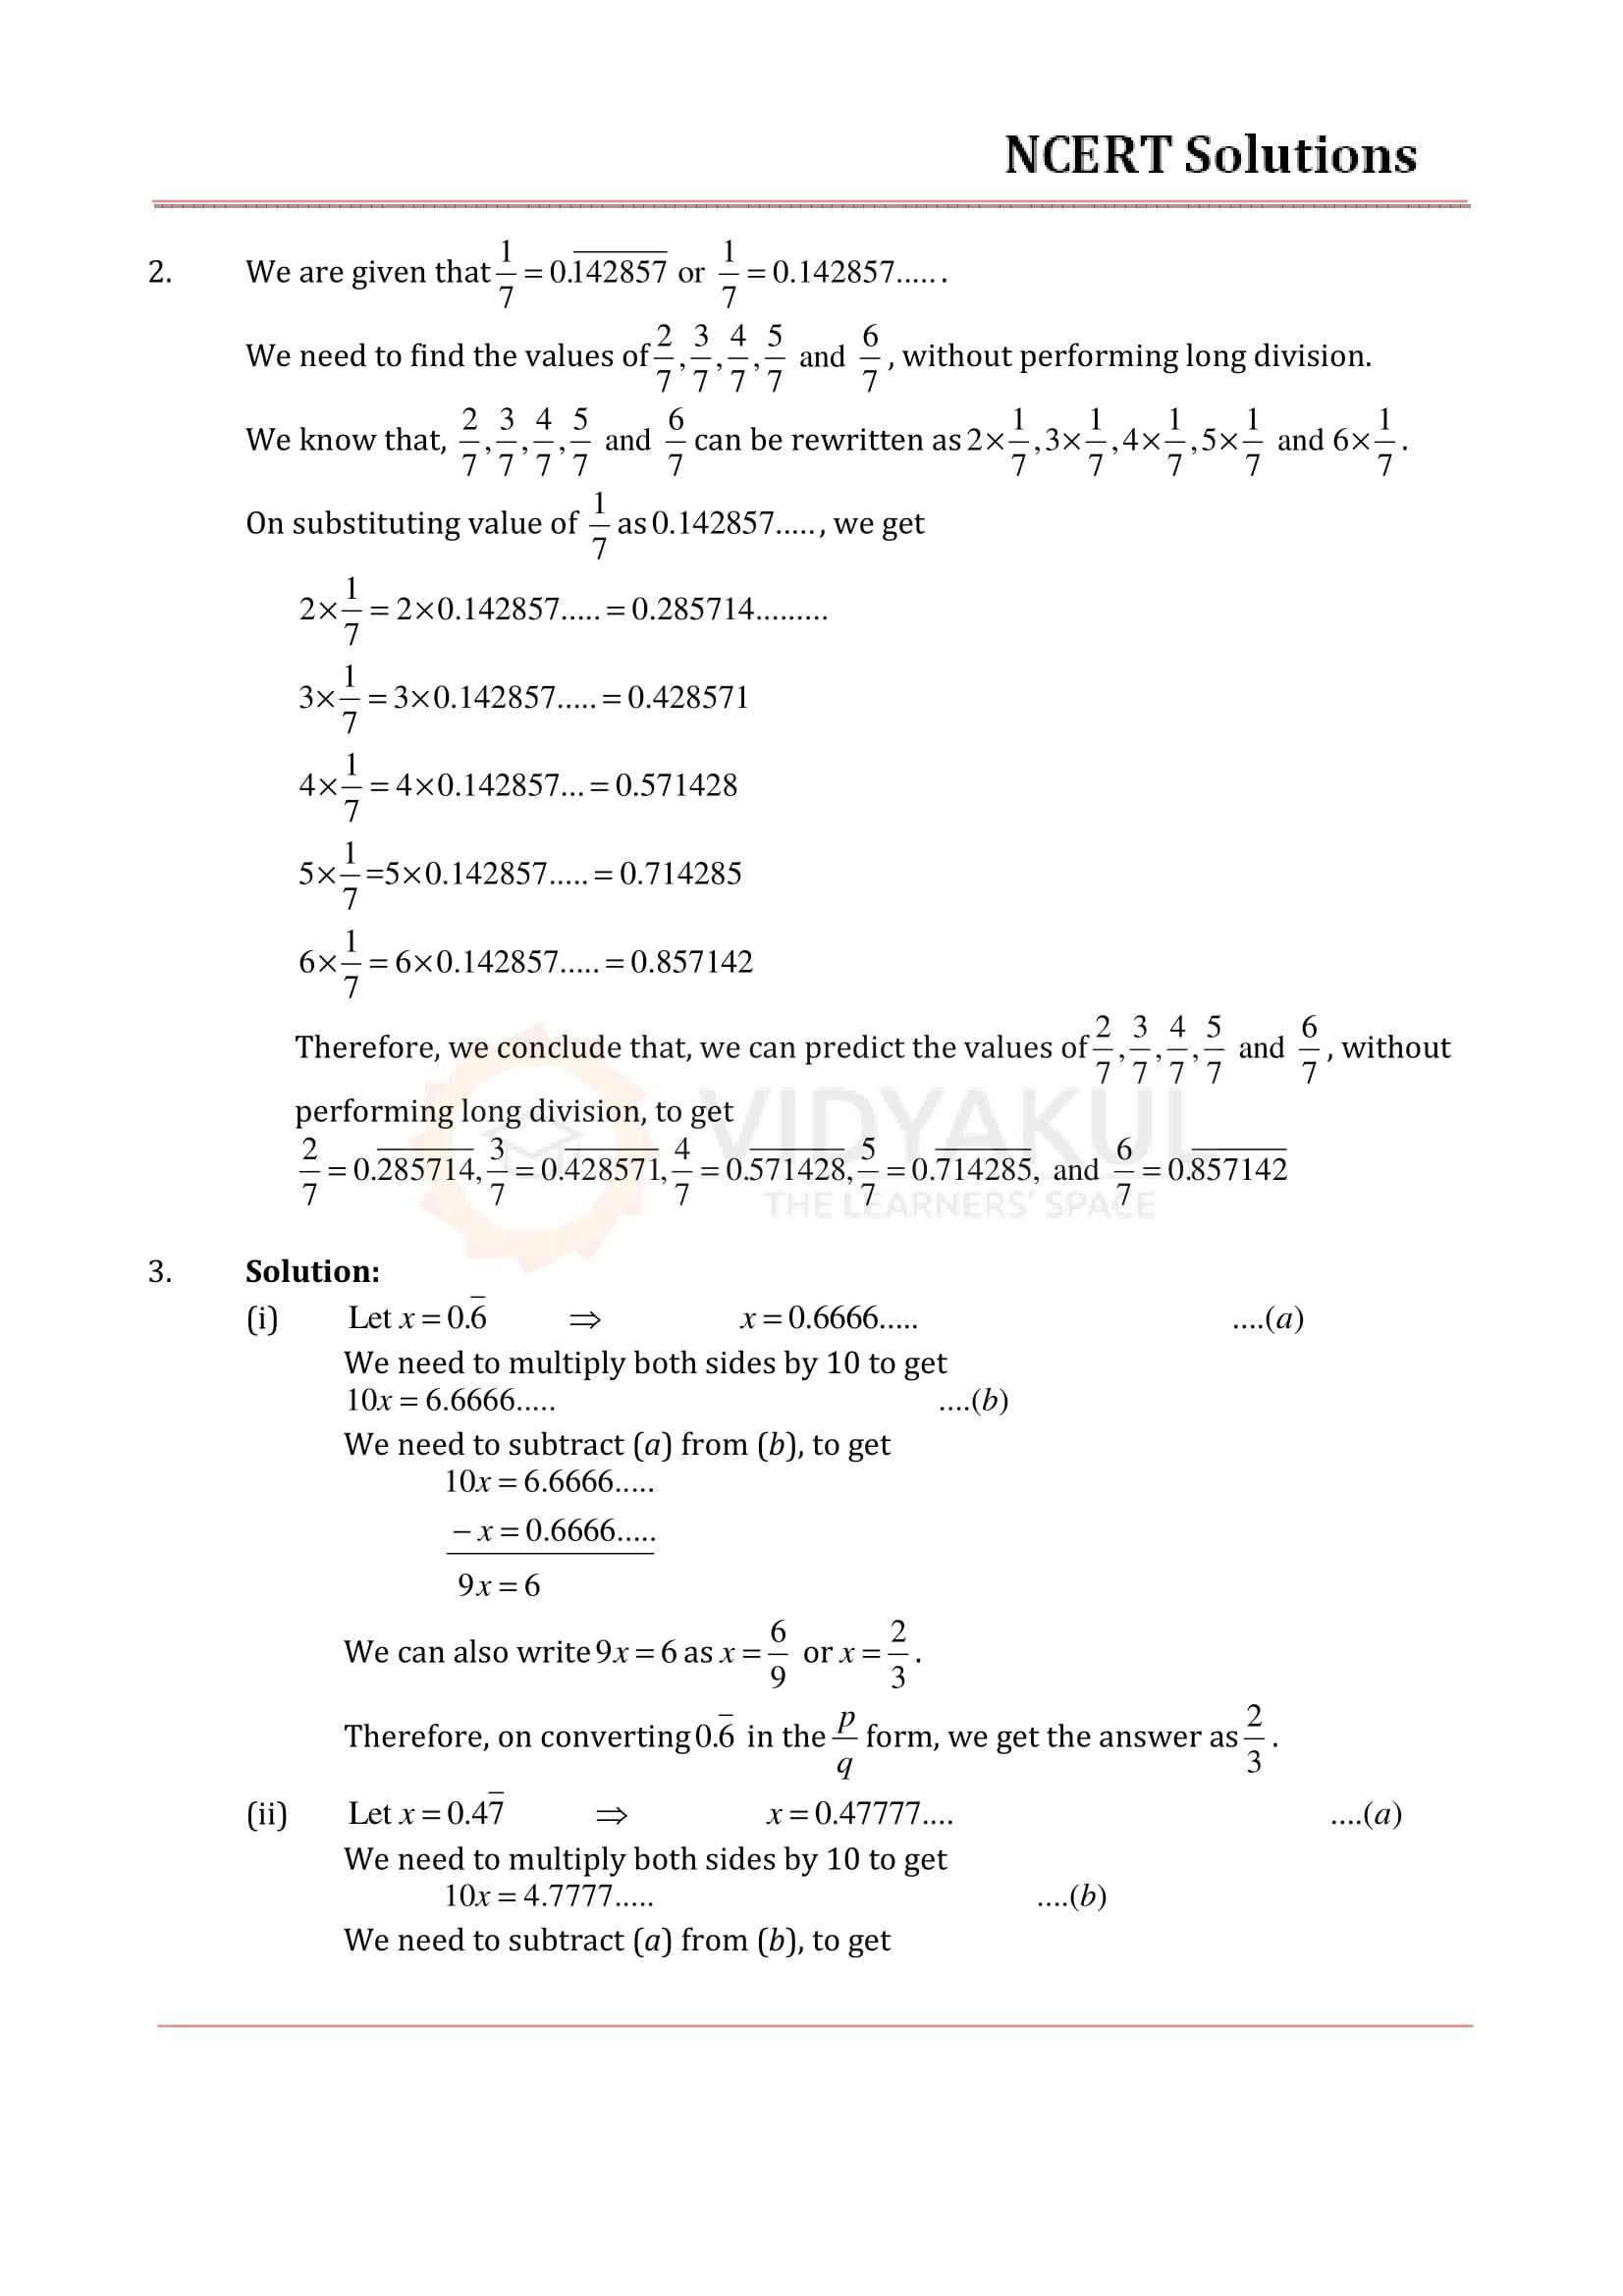 NCERT Solutions for Class 9 Maths Chapter 1   Vidyakul